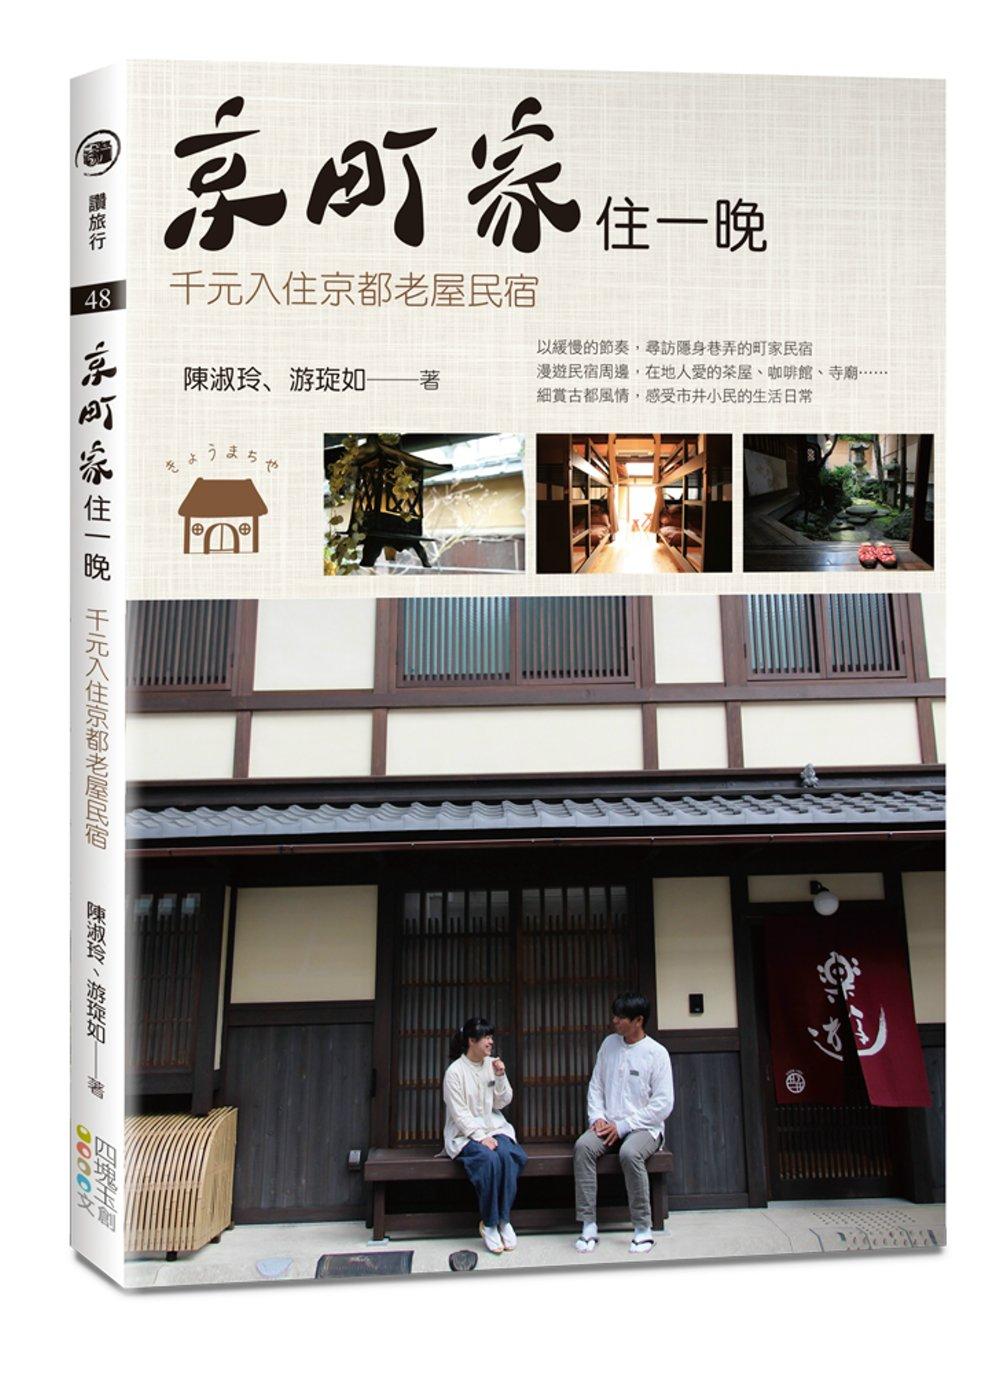 《京町家住一晚:千元入住京都老屋民宿》 商品條碼,ISBN:9789869576543